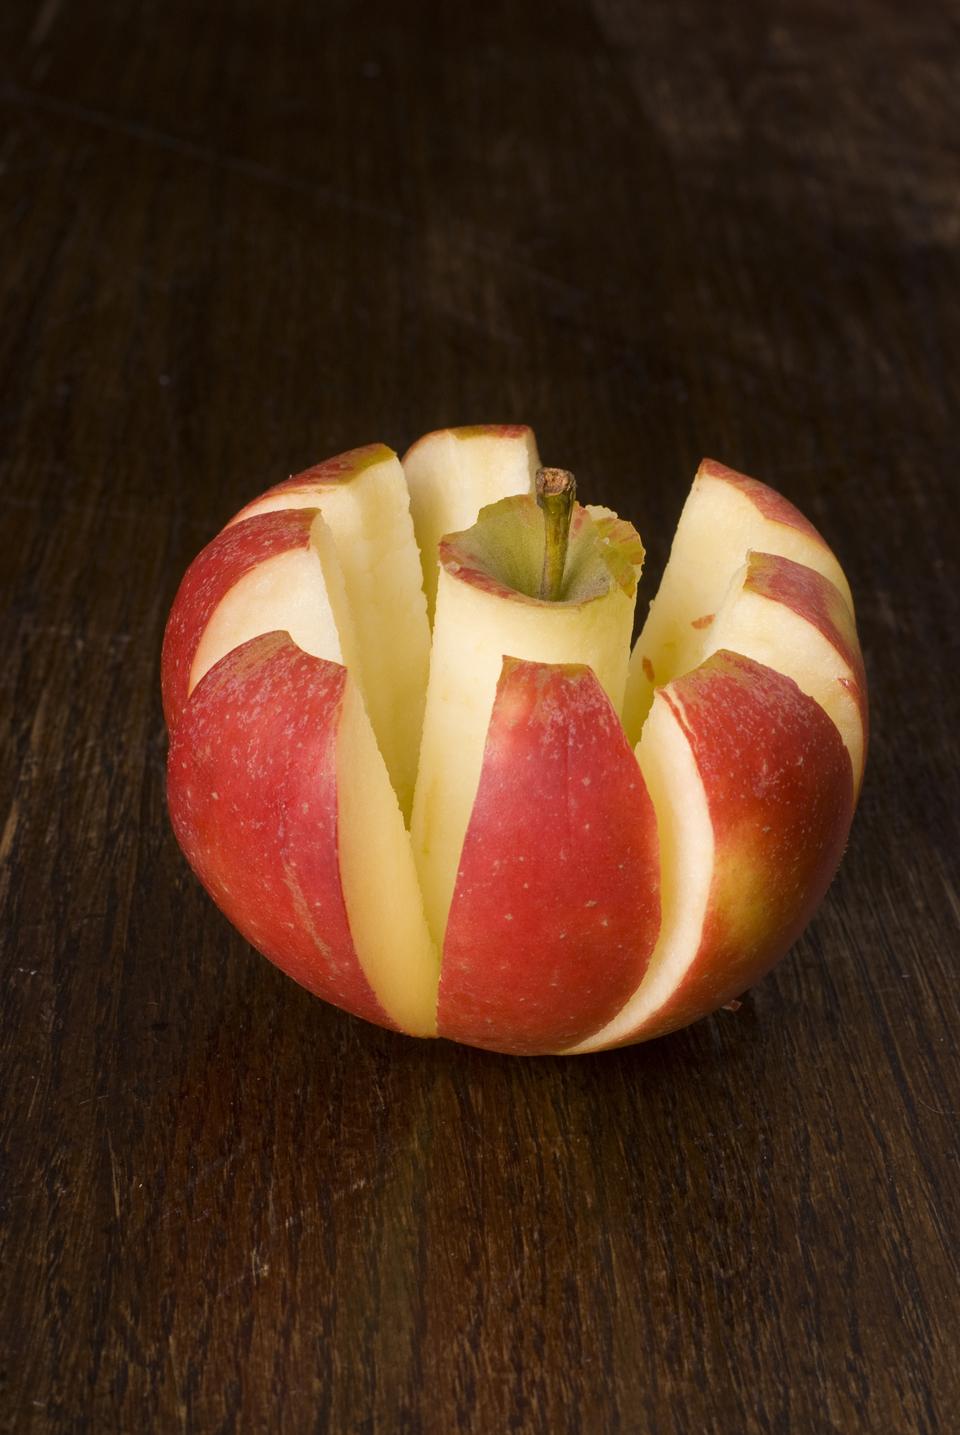 Apfel mit einem Apfelschneider geschnitten